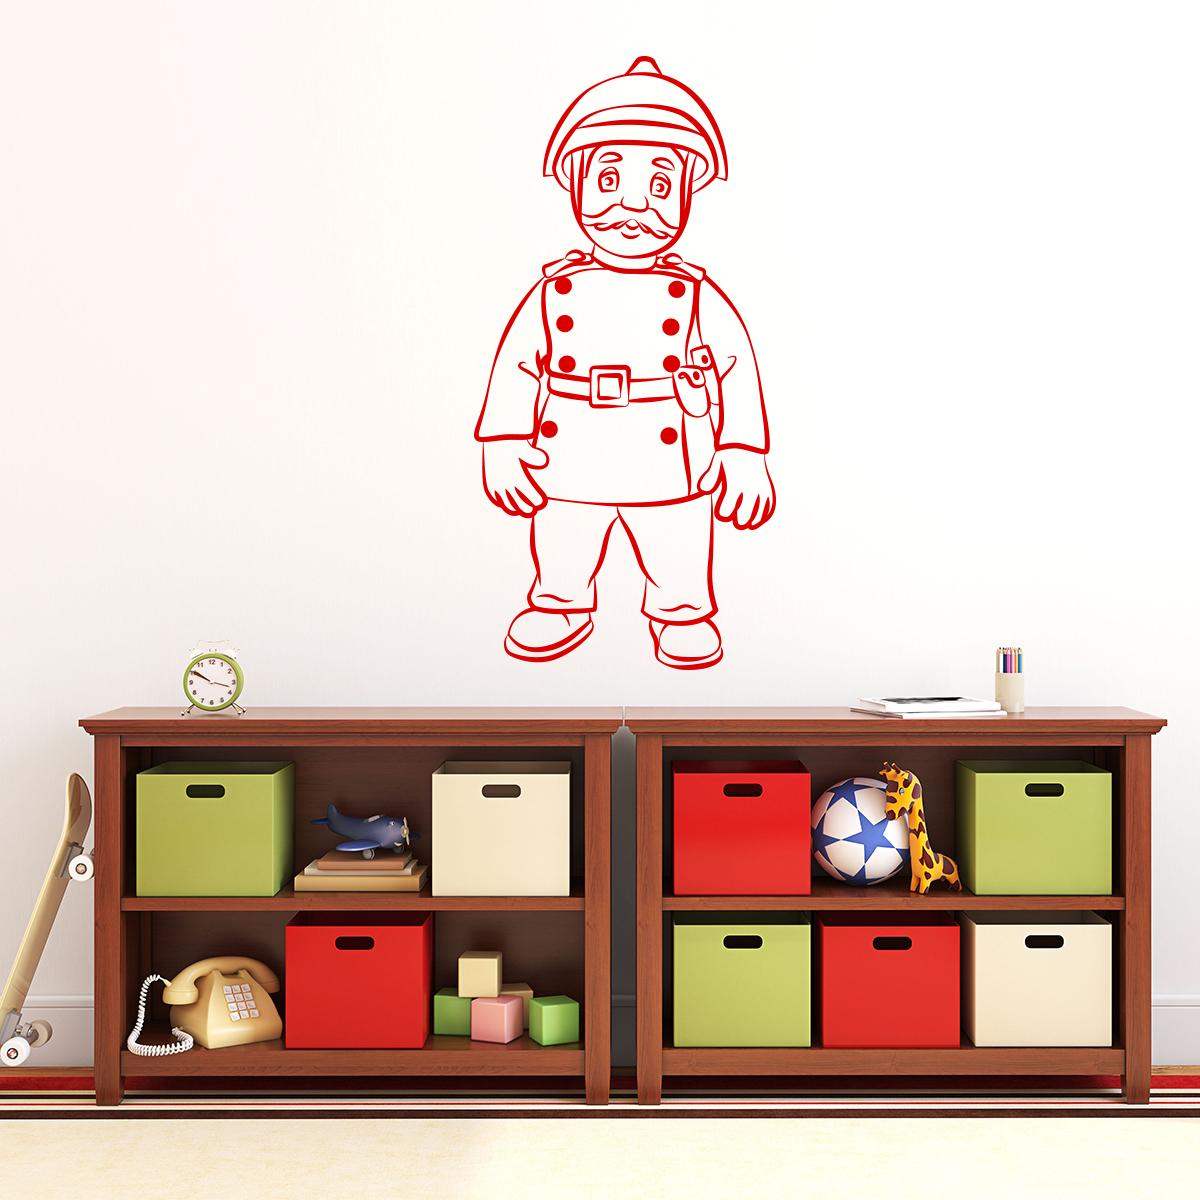 stickers pour chambre ado garcon mod le deco chambre ado. Black Bedroom Furniture Sets. Home Design Ideas